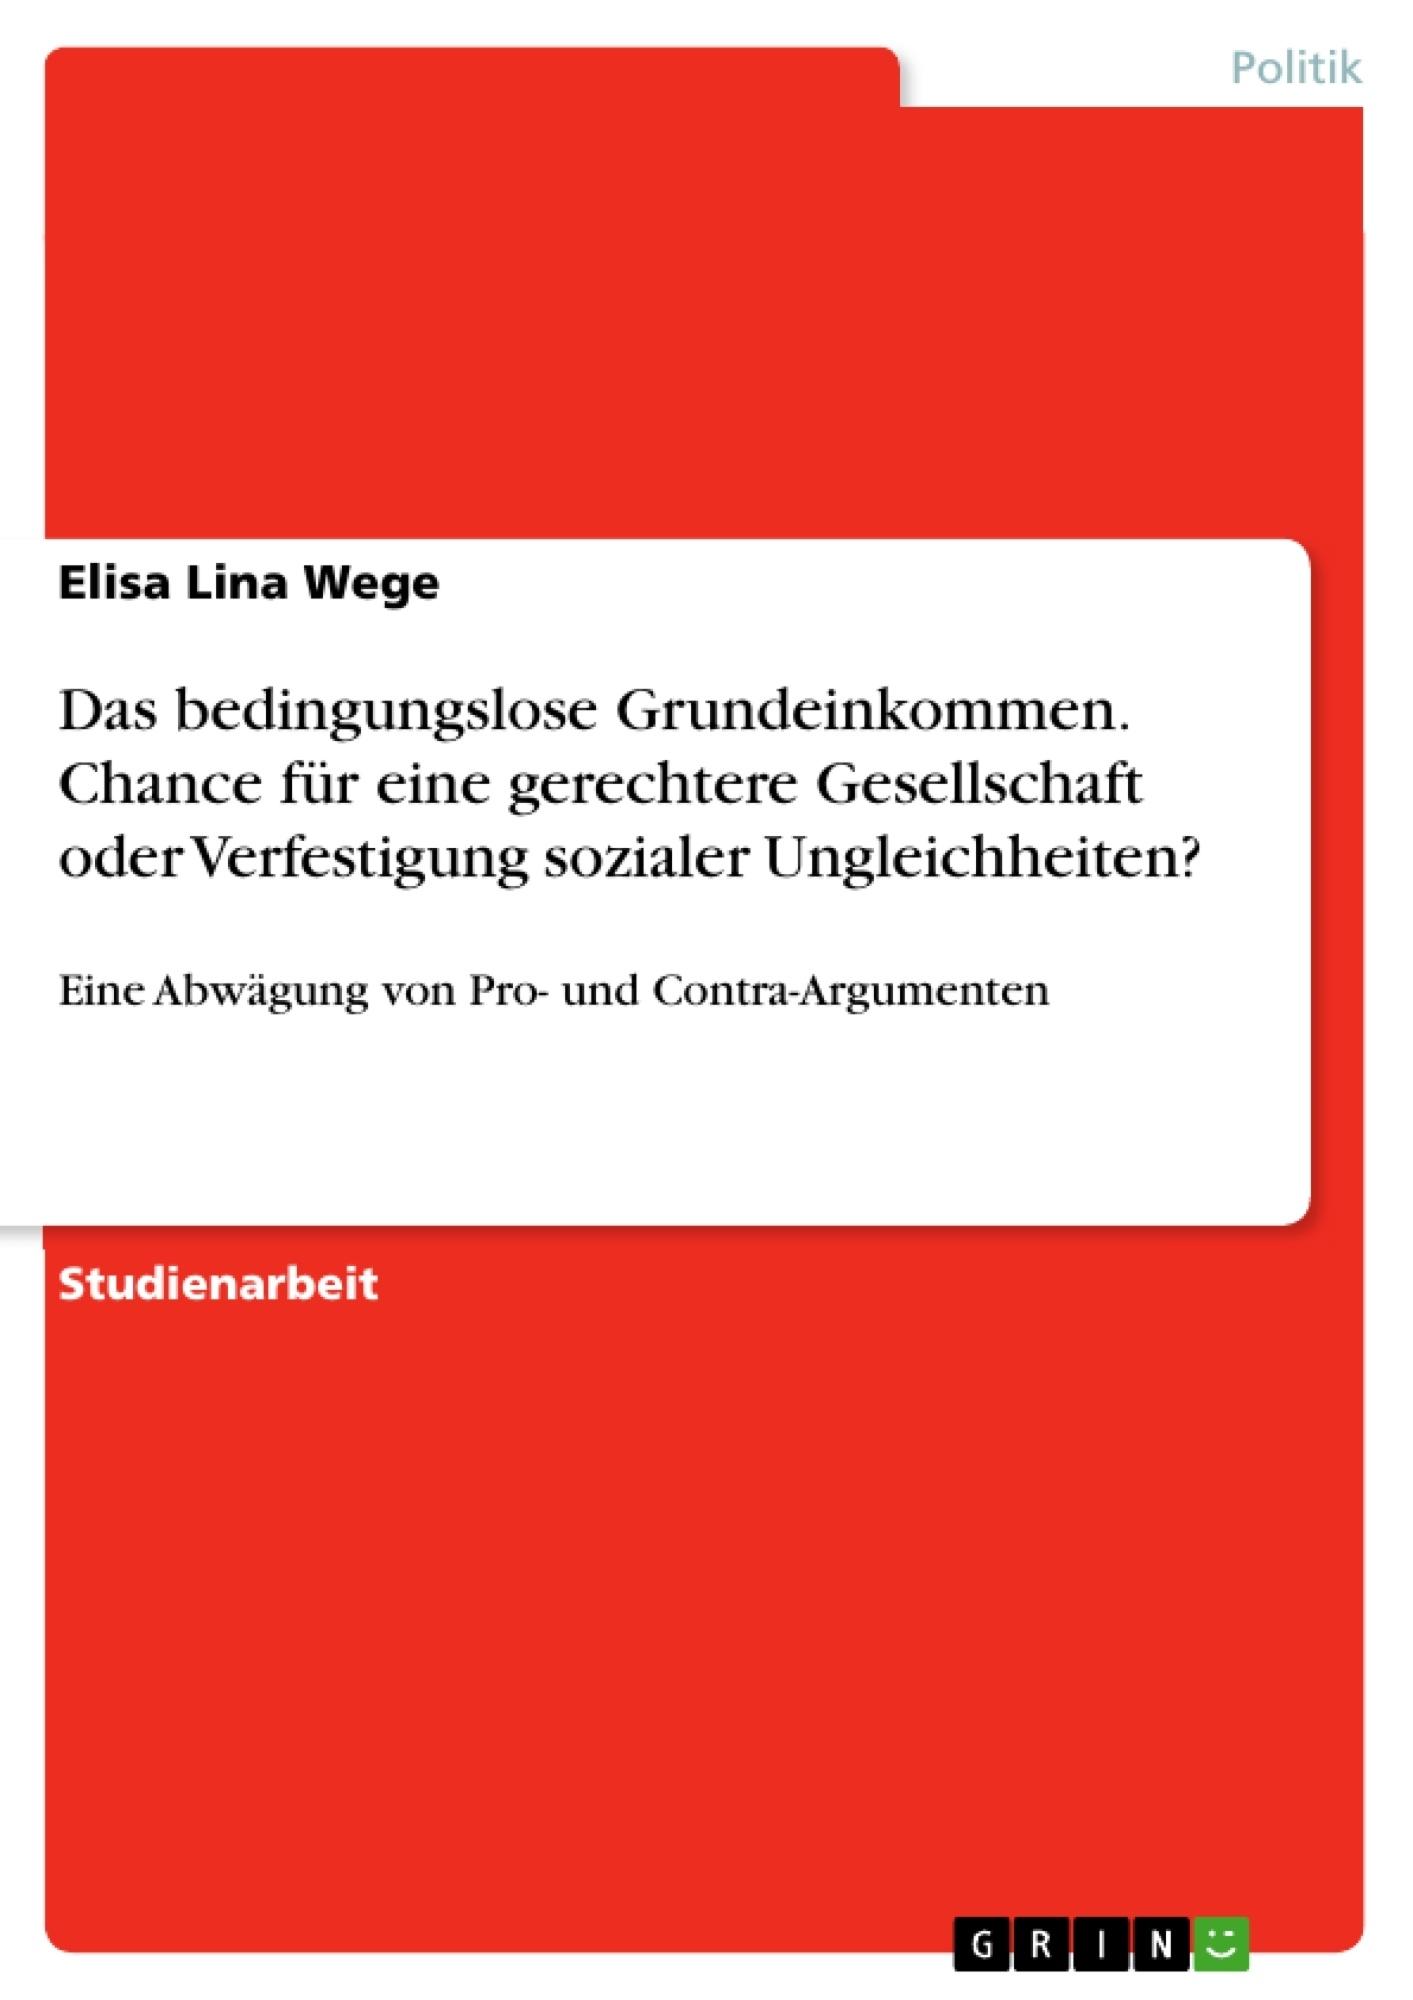 Titel: Das bedingungslose Grundeinkommen. Chance für eine gerechtere Gesellschaft oder Verfestigung sozialer Ungleichheiten?